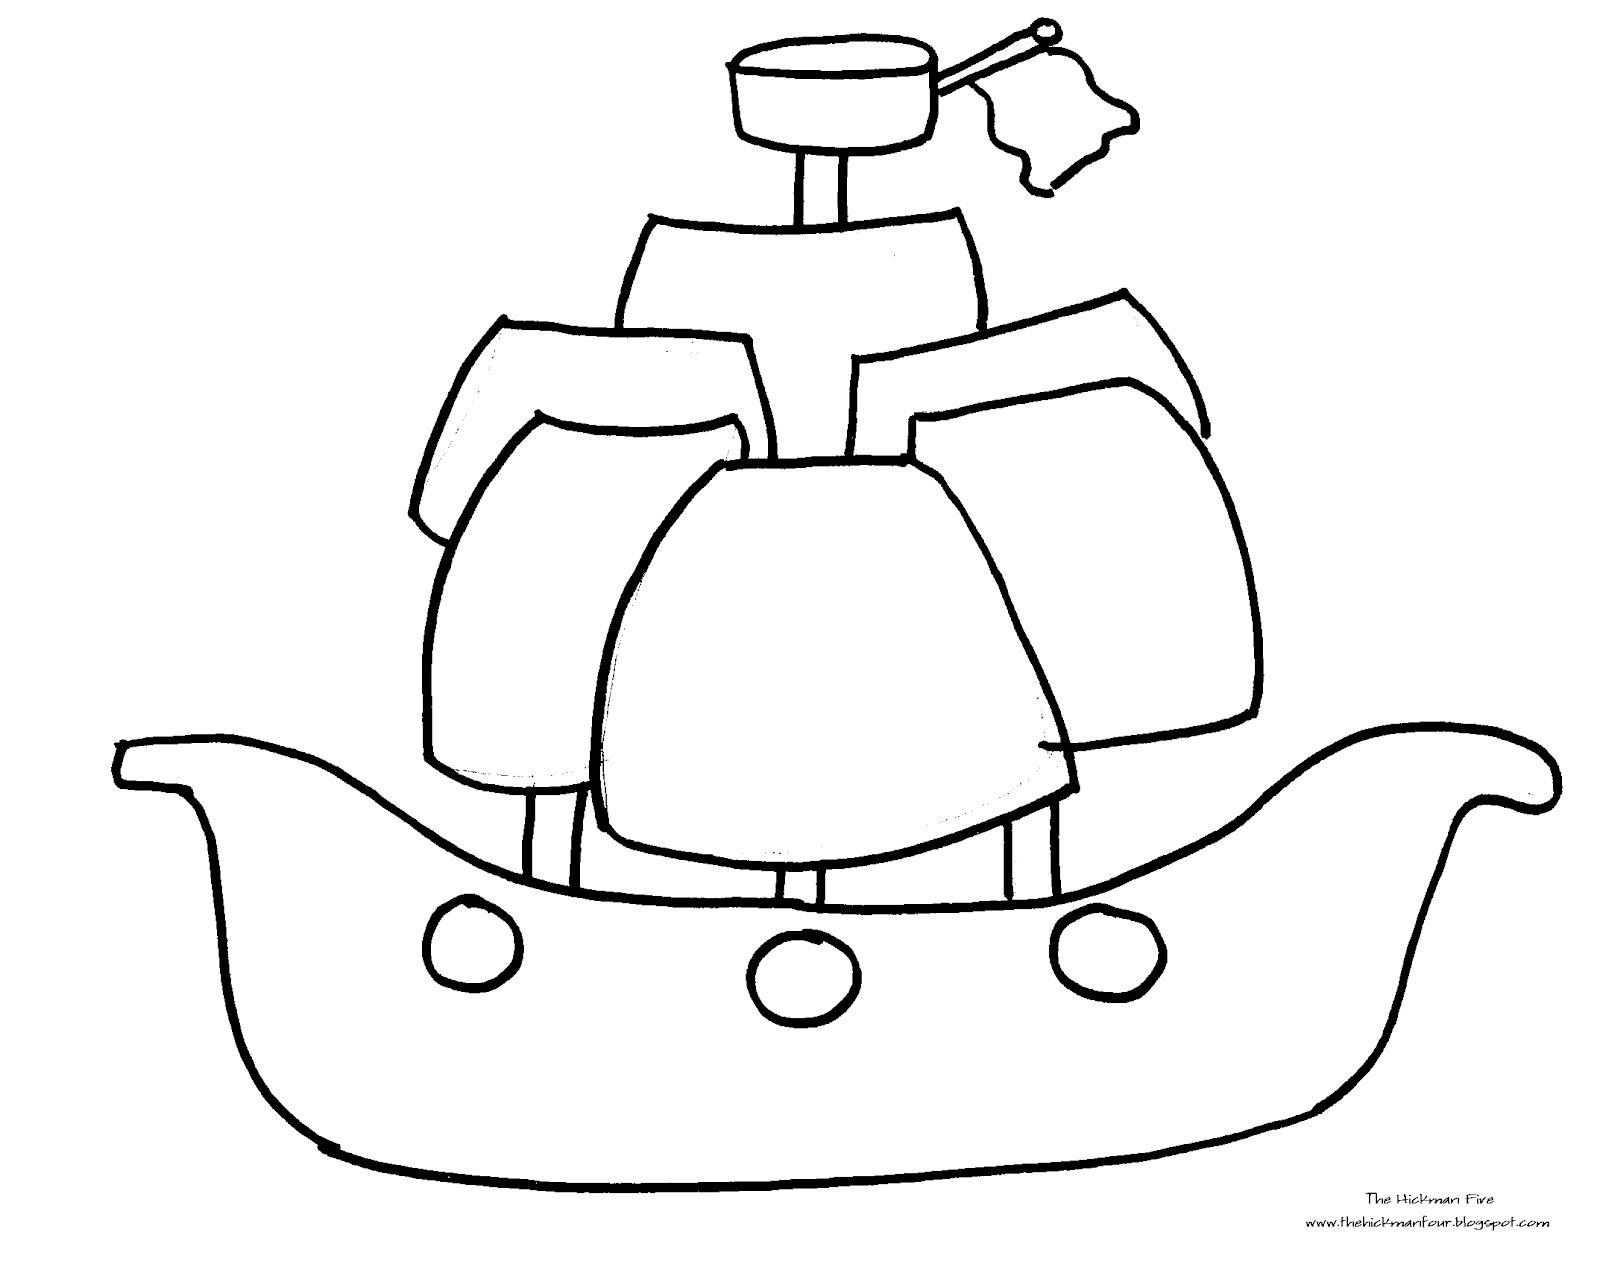 Rocket Ship Drawing